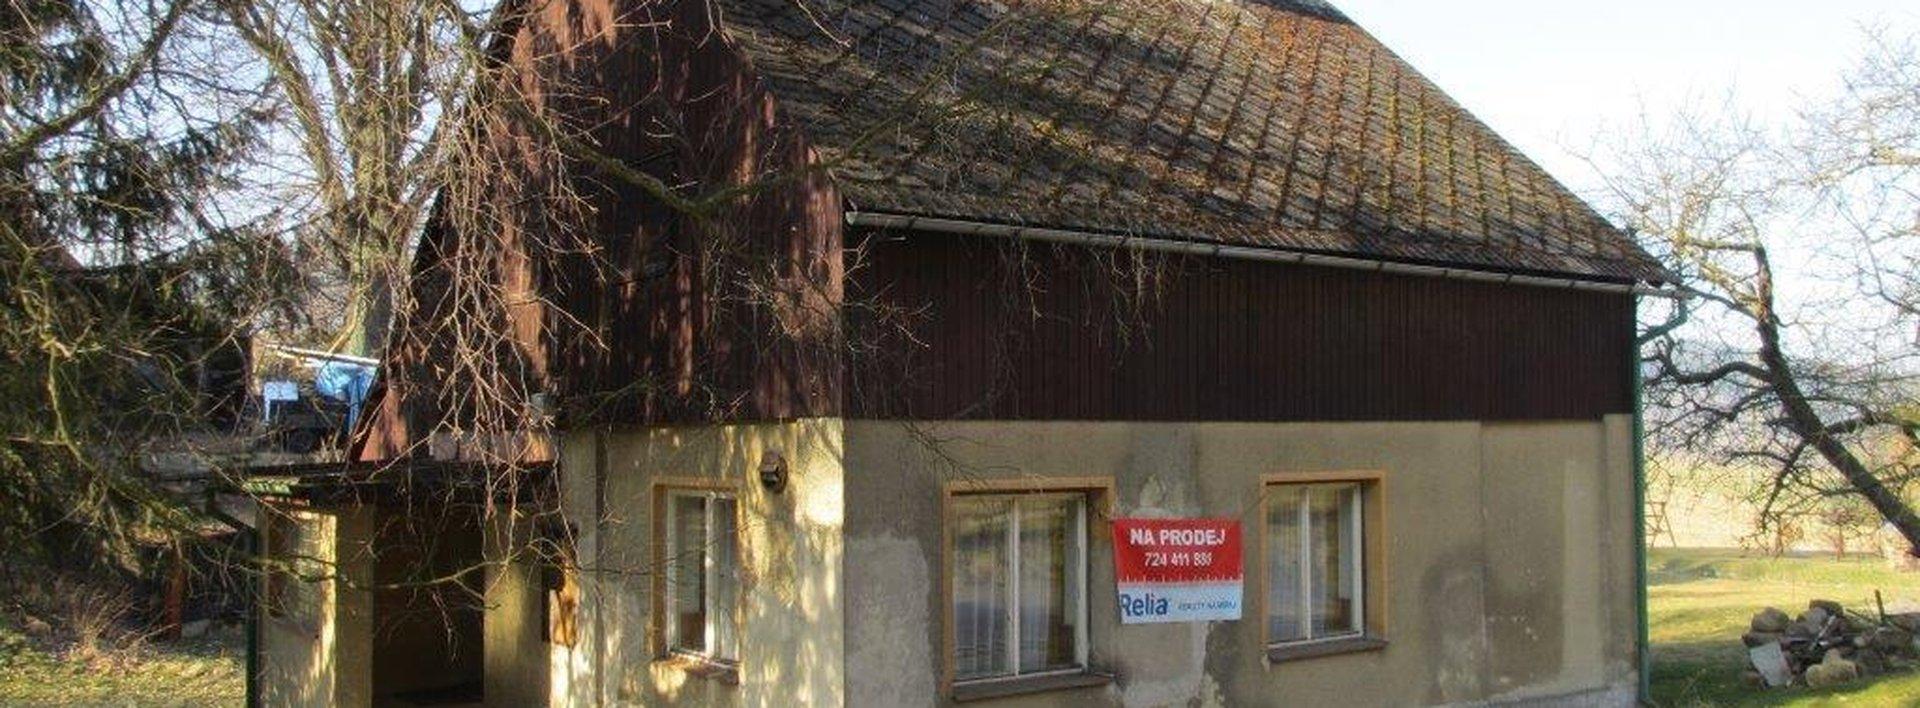 Prodej domu v Rynolticích u Liberce, Ev.č.: N46516